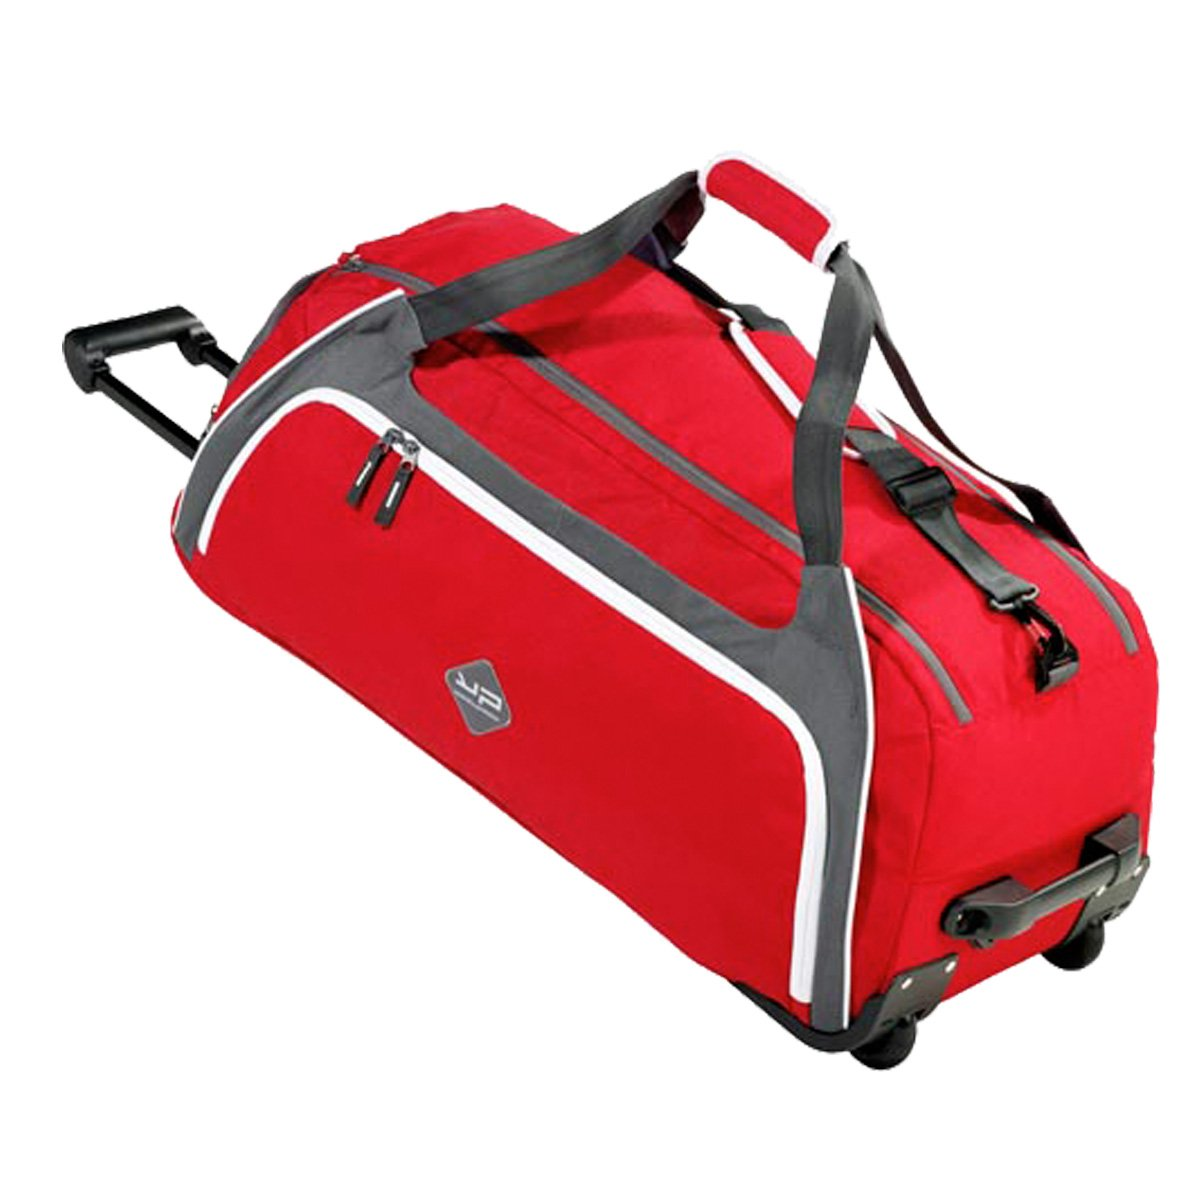 BODYPACK Sac de Sport 80L ou Sac de Voyage à roulettes Sac de Gym Grand Format Rouge Bodypack France 1571